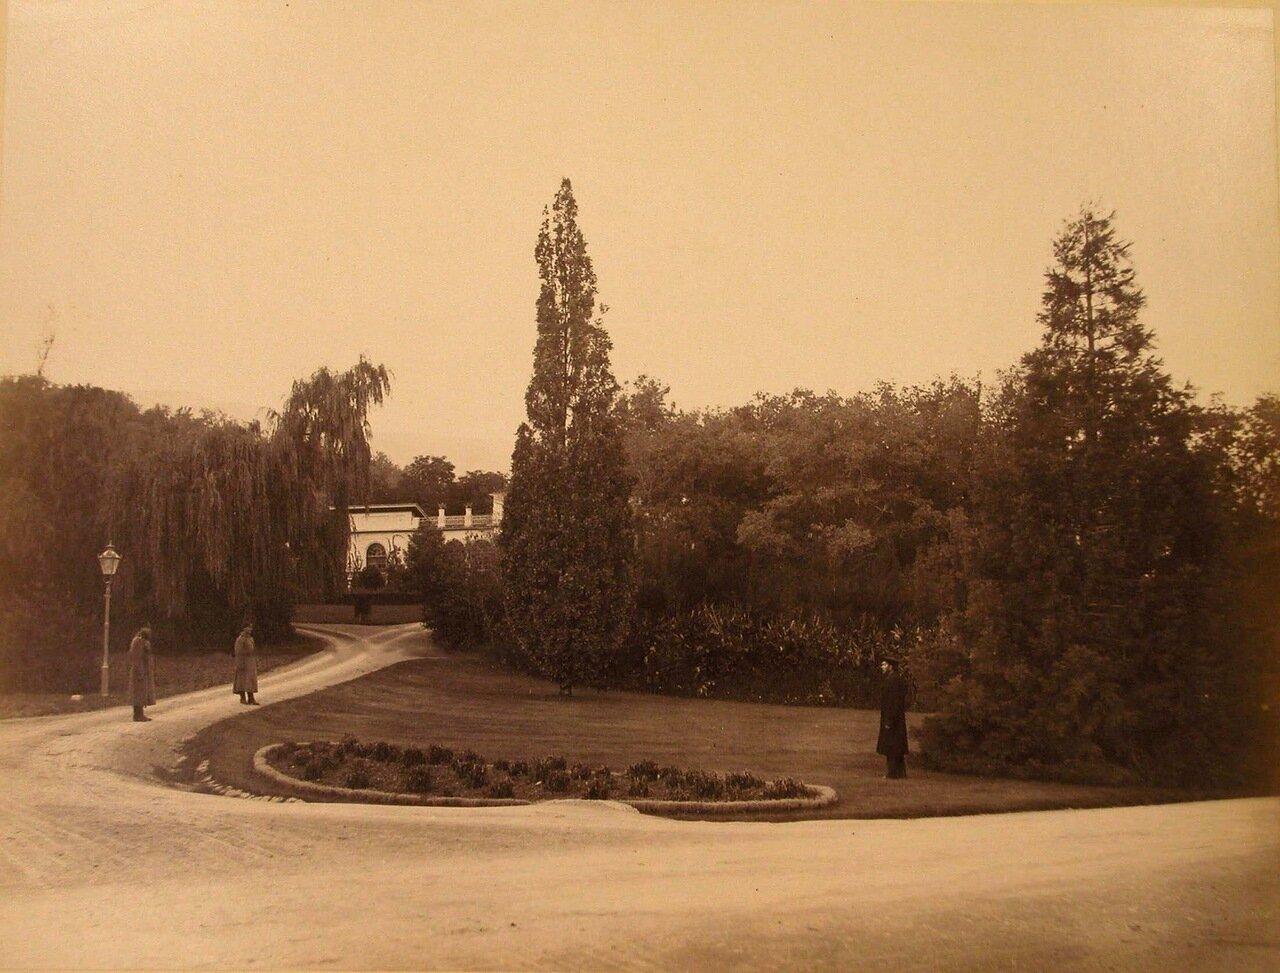 13. Ливадия. Дворцовые служащие на дорожке парка у пирамидального дуба вблизи оранжереи.